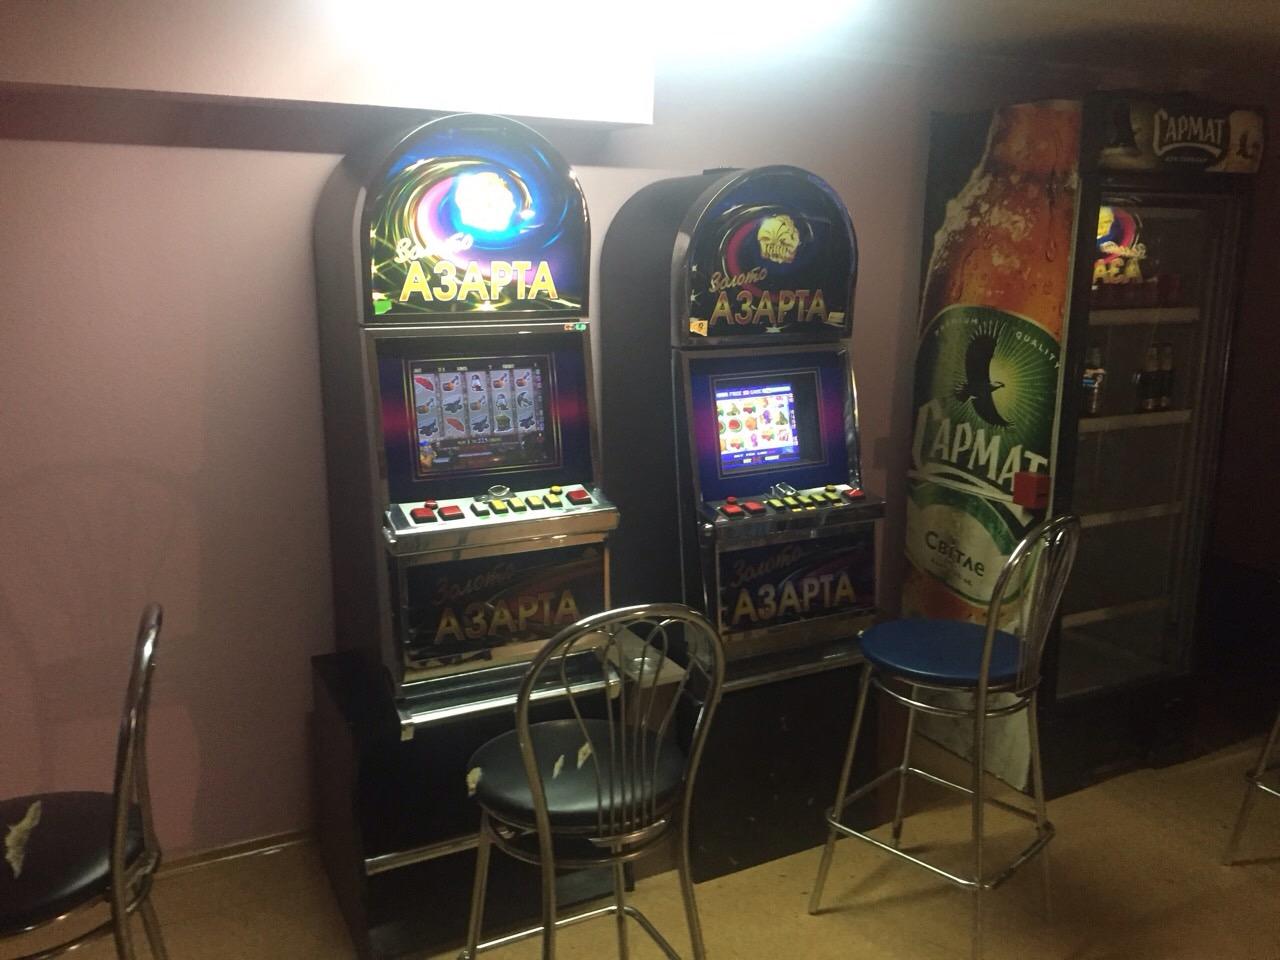 Игровые автоматы работа в запорожье заказать диск игровые автоматы novomatic